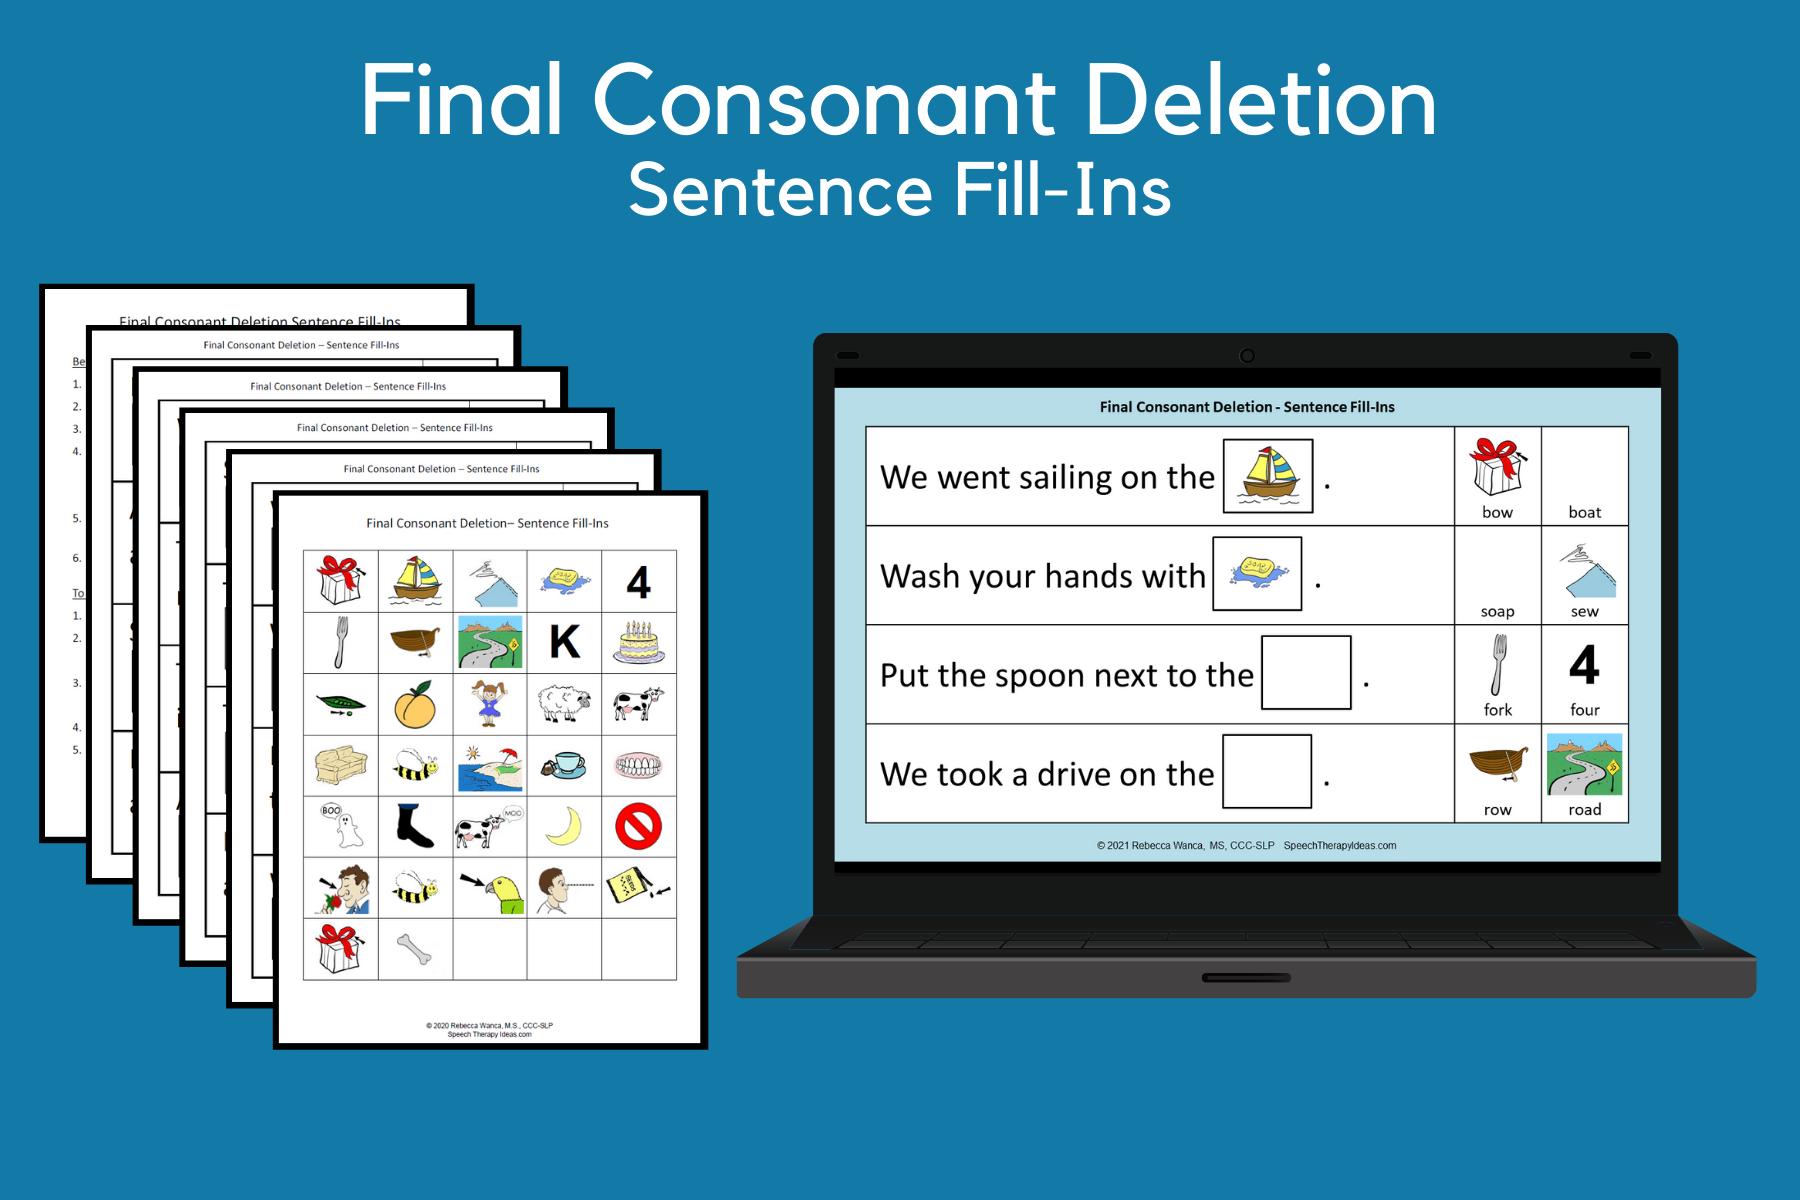 Final Consonant Deletion Sentence Fill-Ins